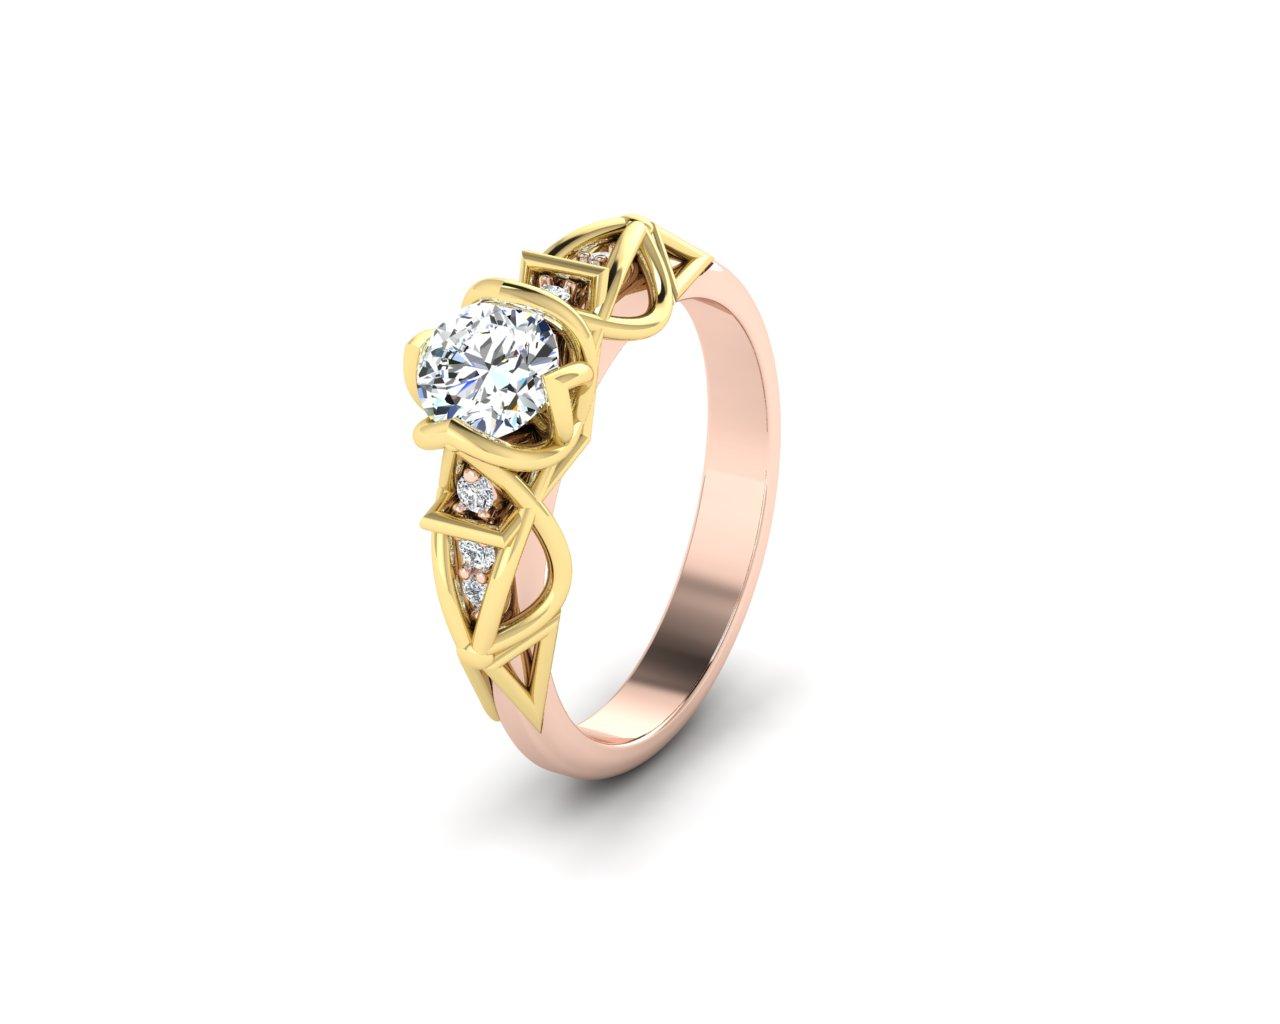 Zásnubní prsten Variation of Naos II.